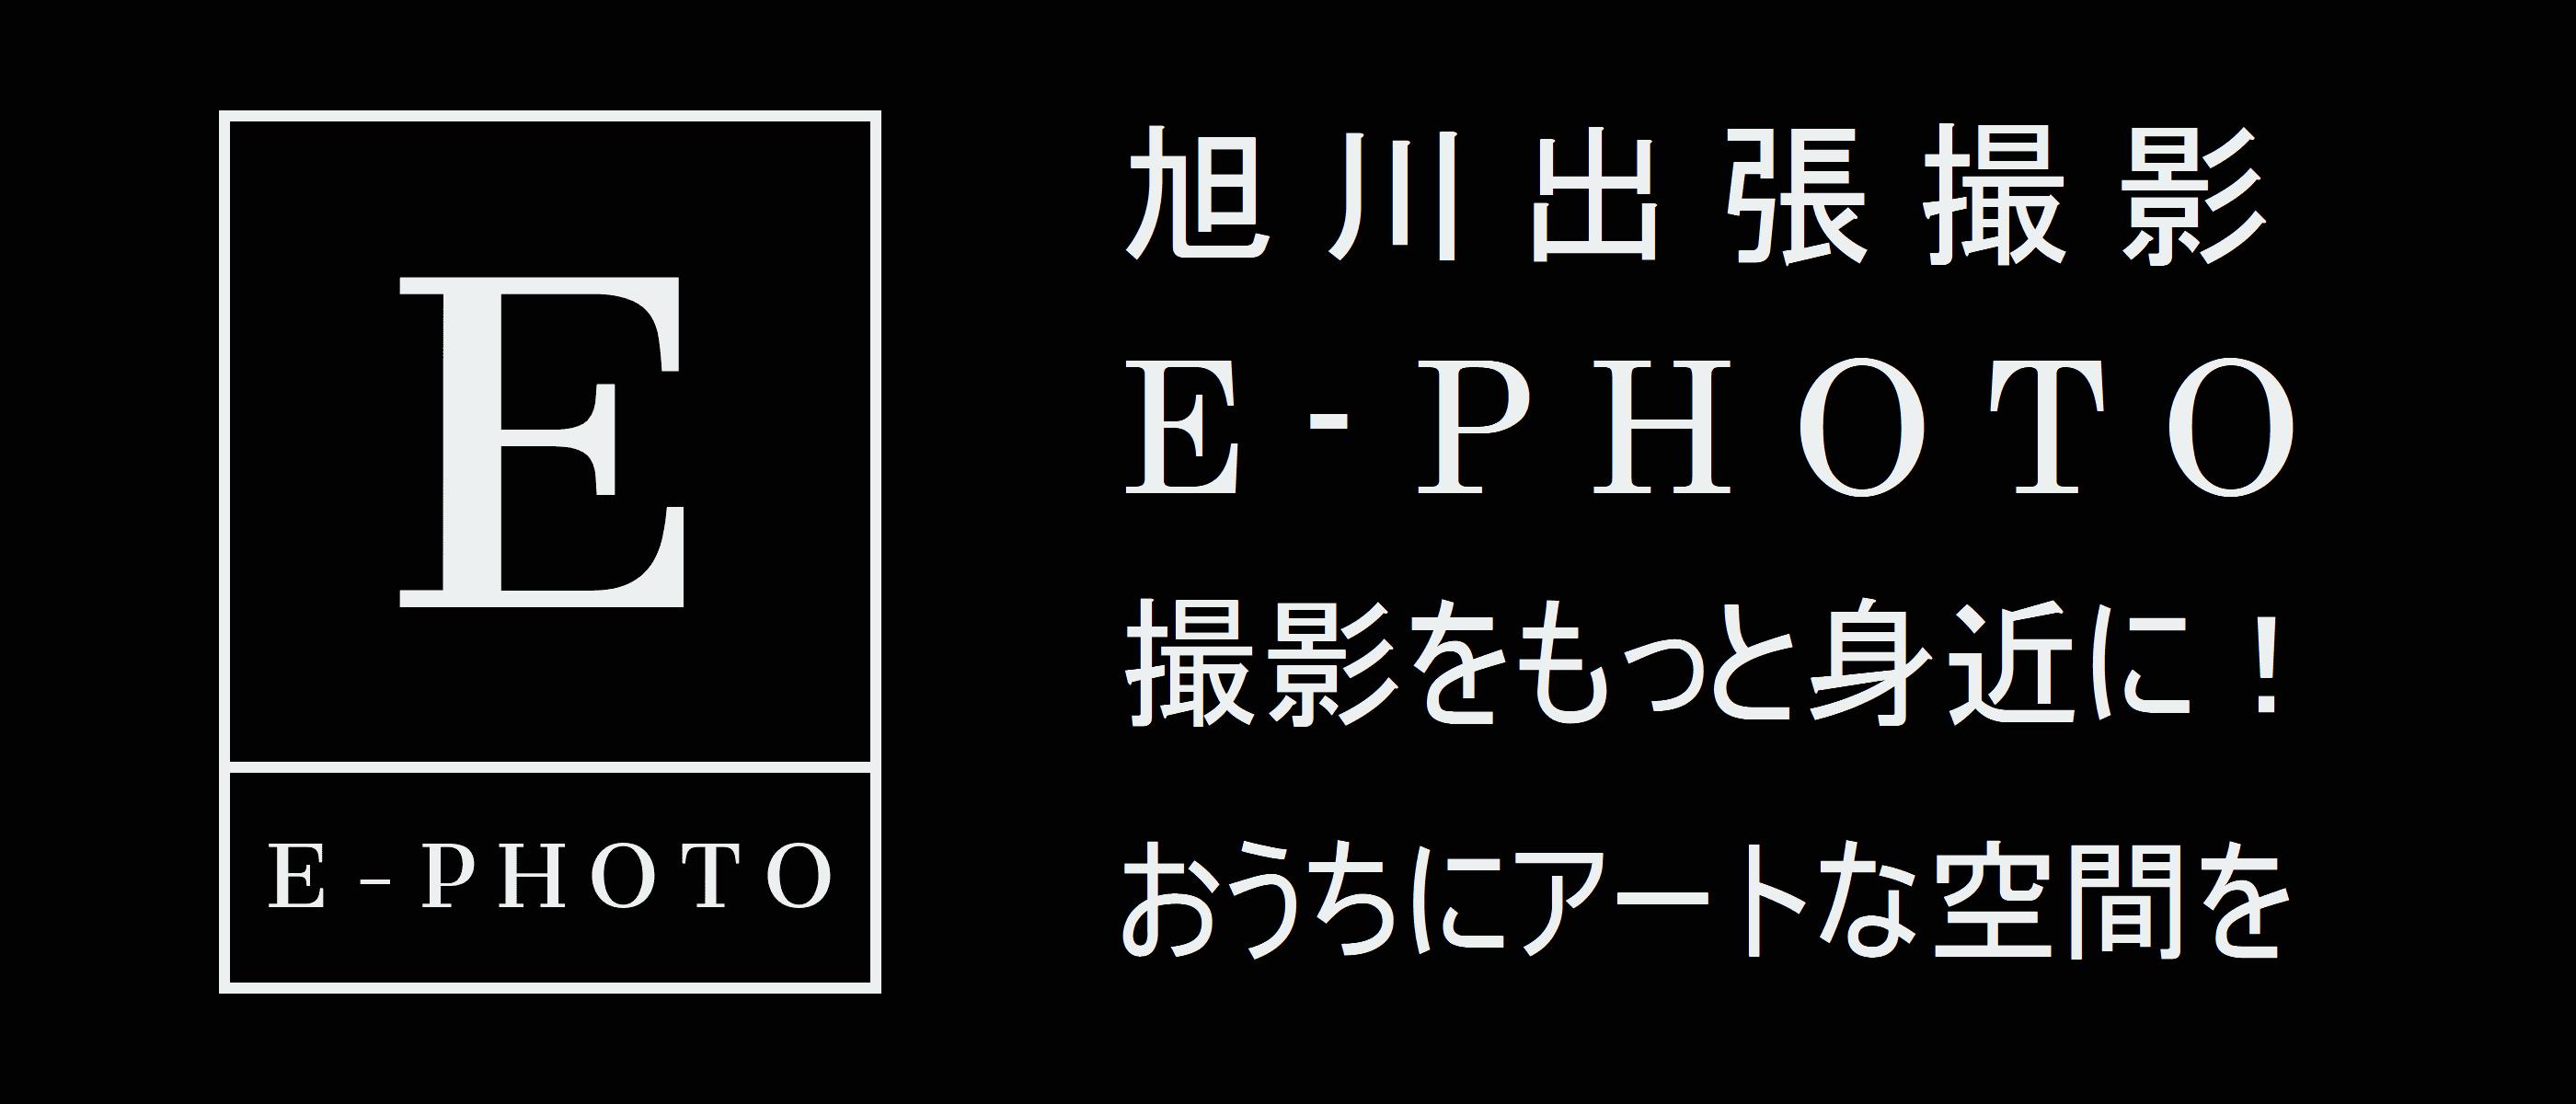 E-PHOTO 旭川出張撮影イーフォト